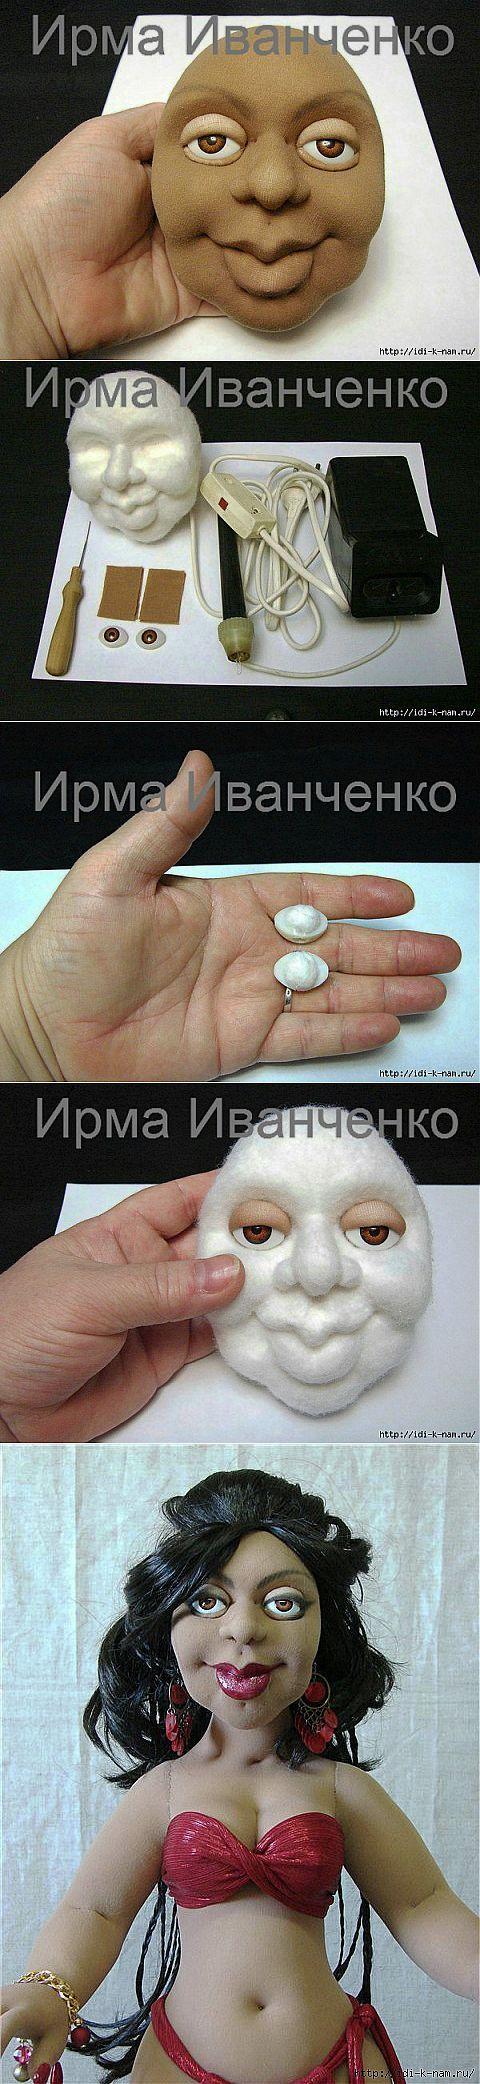 idi-k-nam.ru